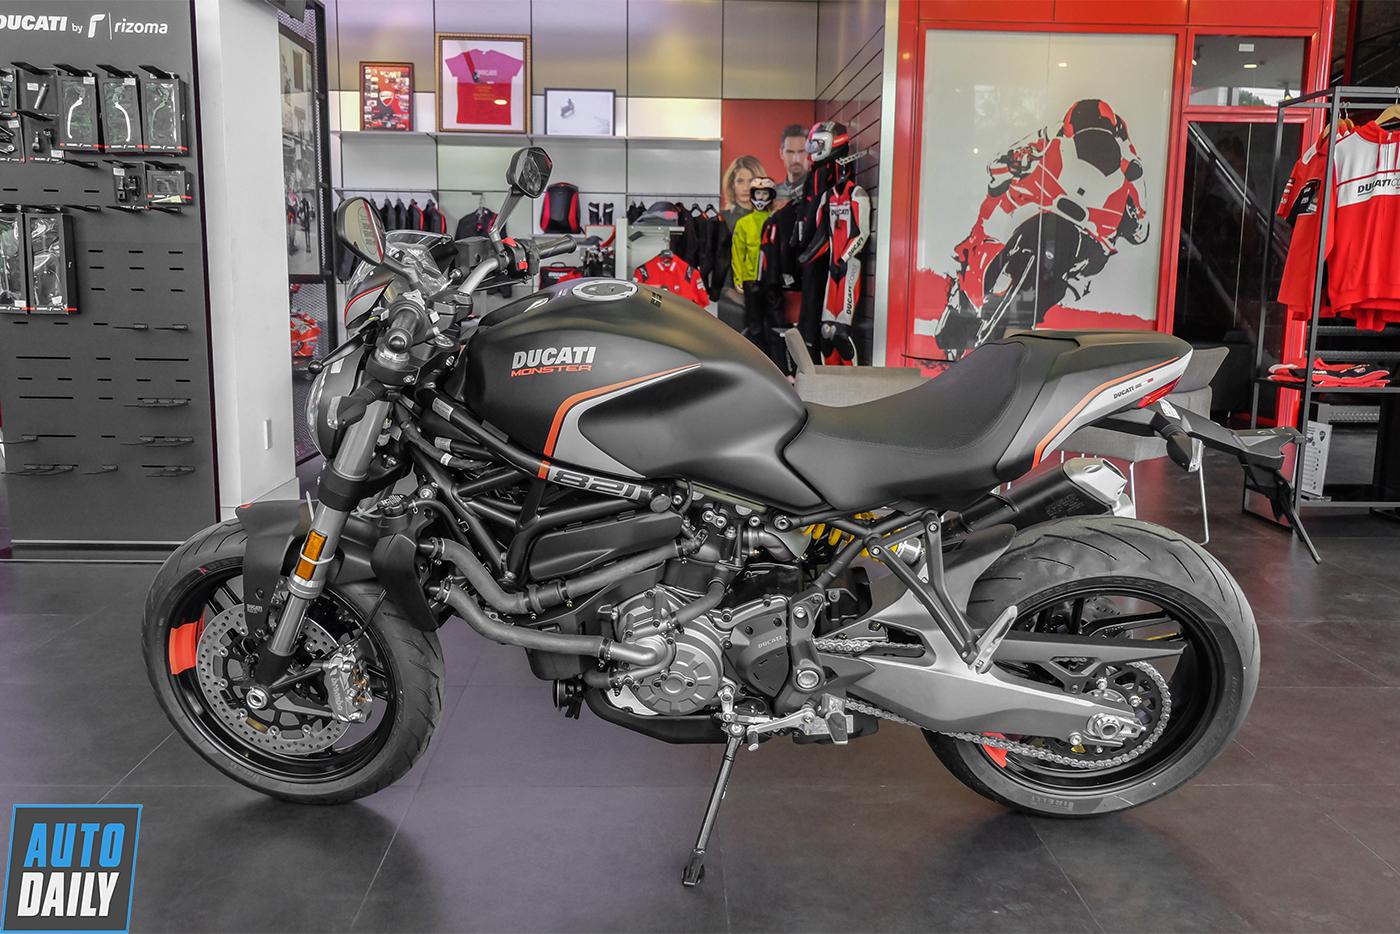 ducati-monster-821-stealth-24.jpg